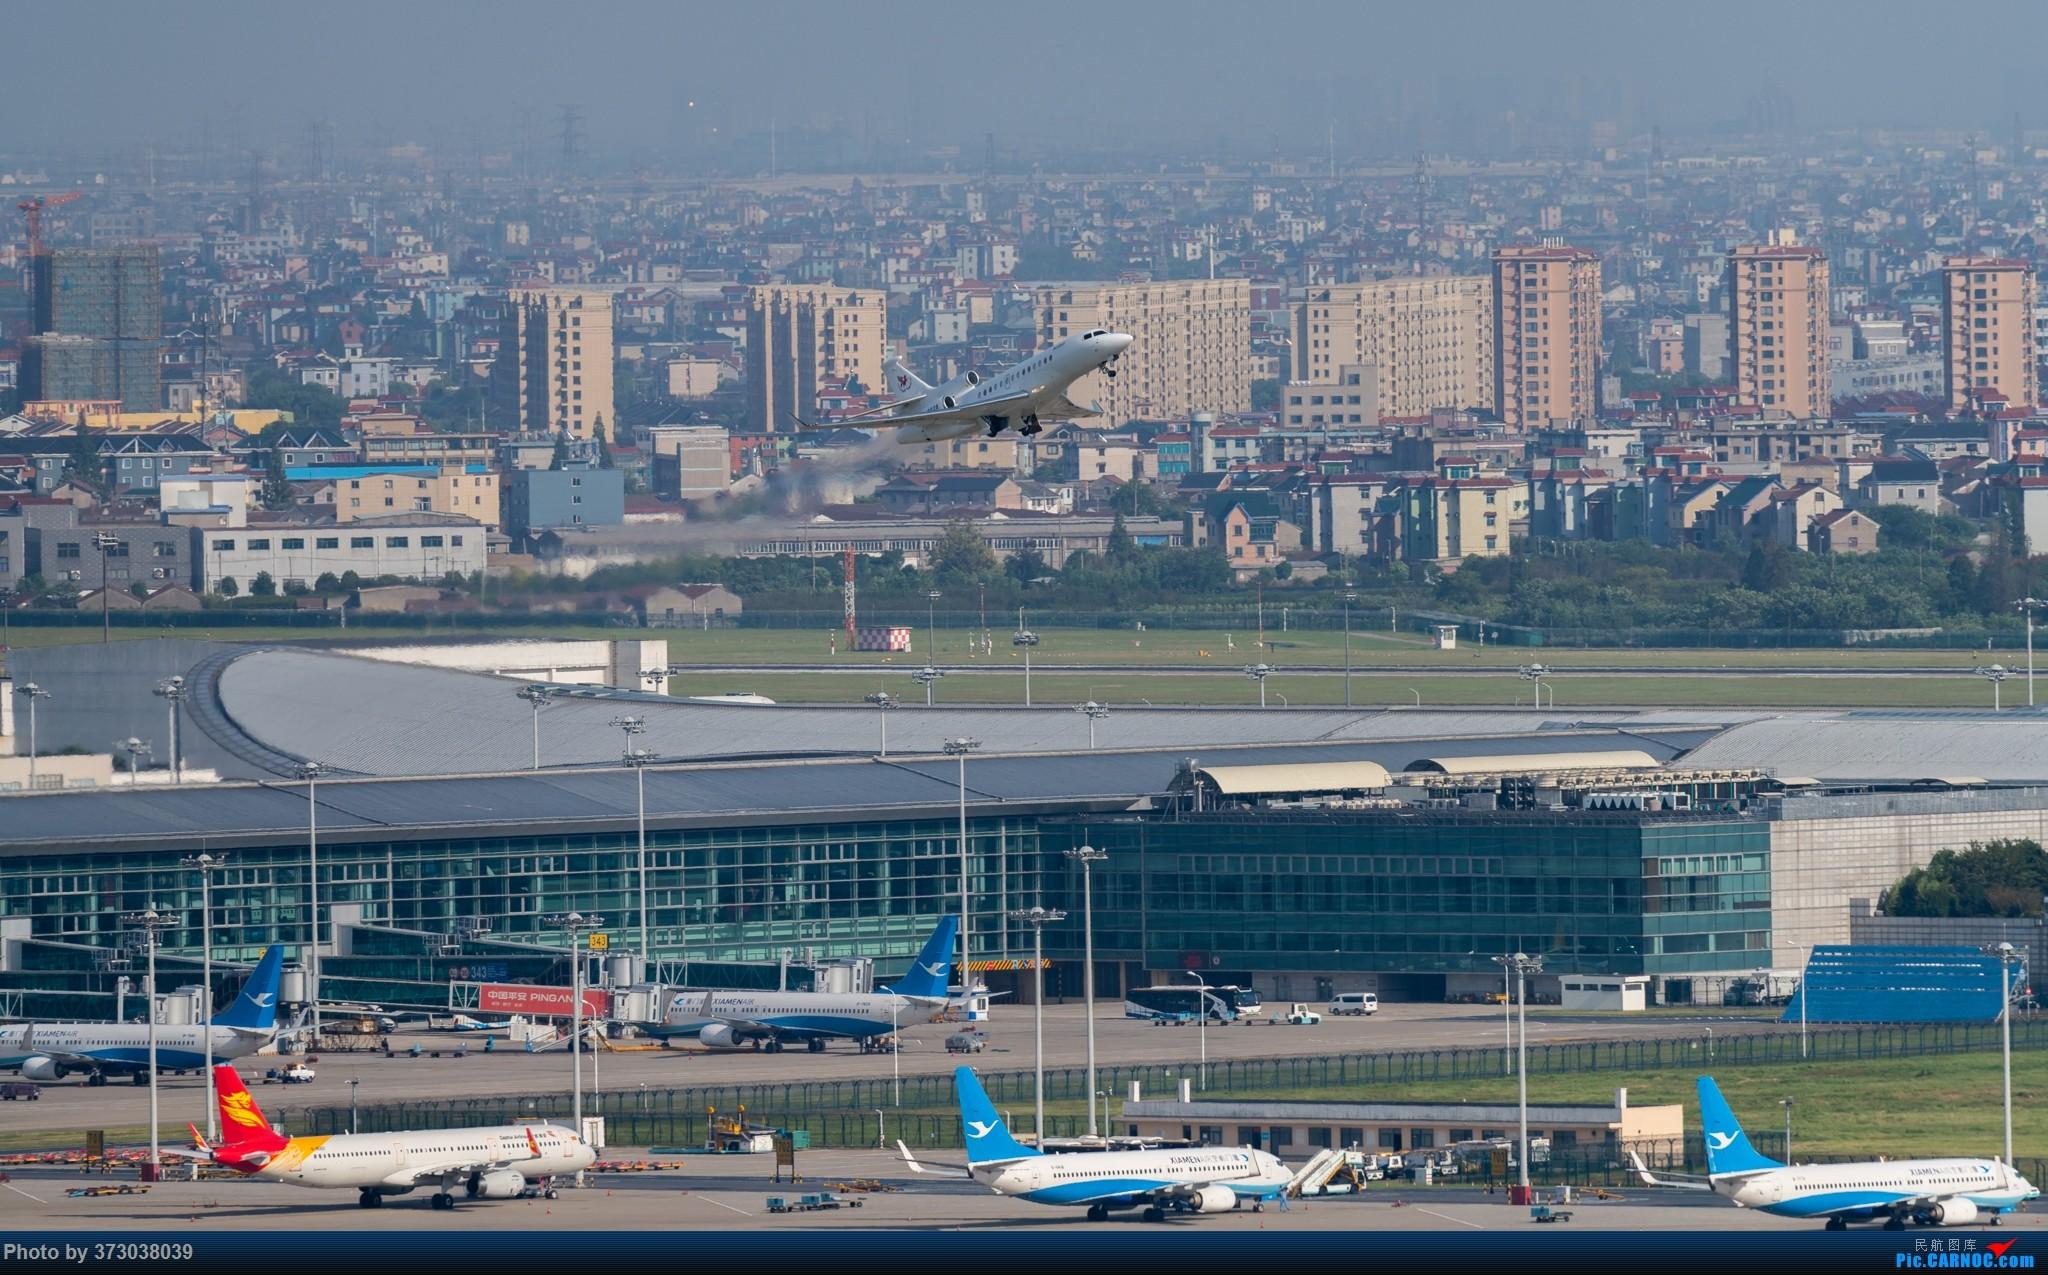 Re:[原创]山顶动人,杭州萧山国际机场 红山观光视角 DASSAULT FALCON 7X B-8028 中国杭州萧山国际机场